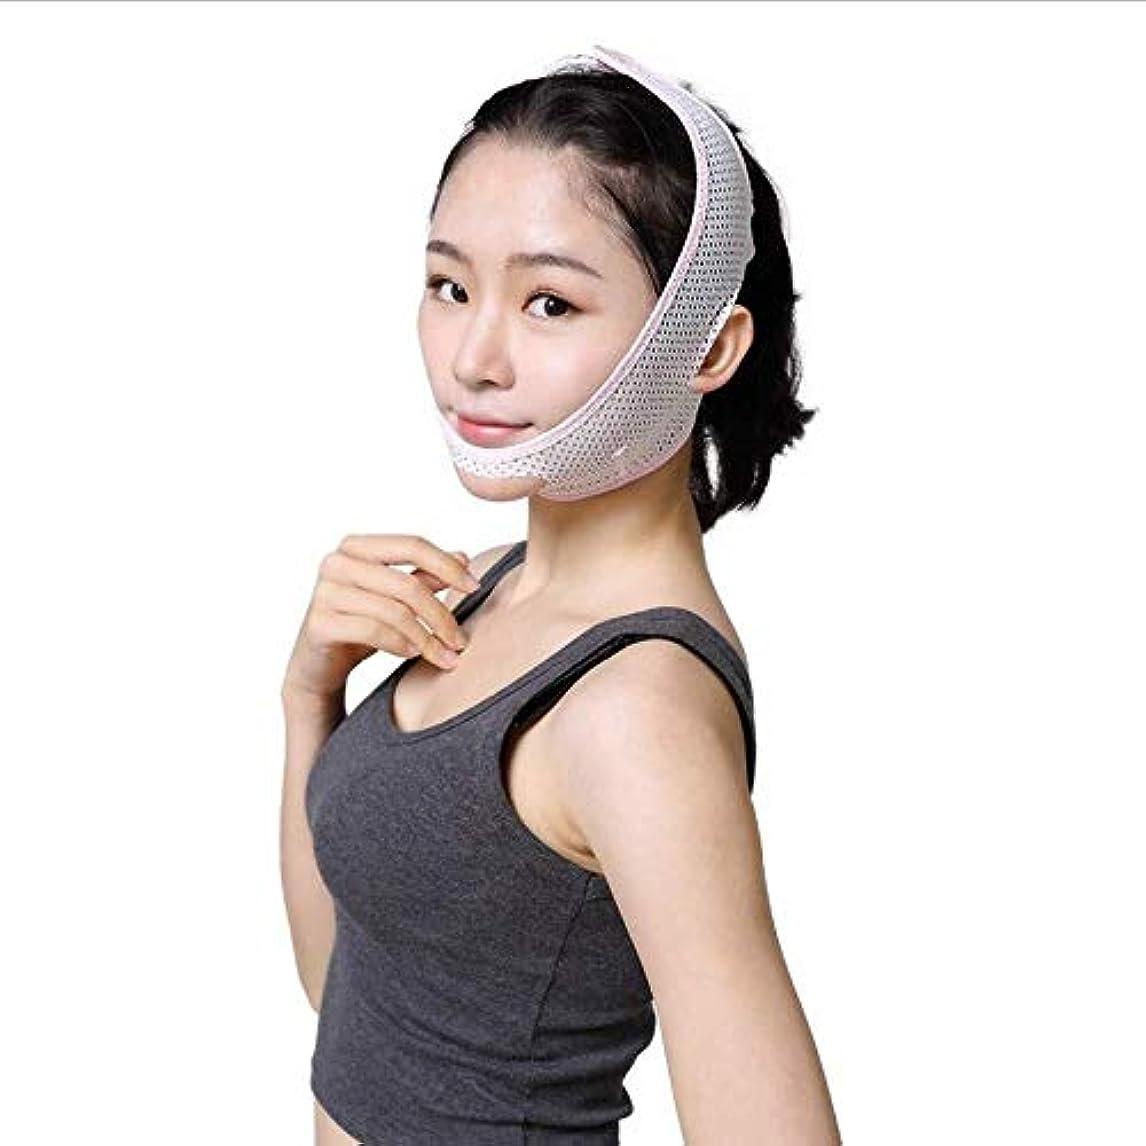 指標アクセス逃げるJN 薄い顔ベルトは、超薄型通気性のフェイスリフティングと引き締め二重あご、2つのサイズのひげ包帯フェイシャル?術後プラスチック修復マスク たるみ防止マスク (Size : M)